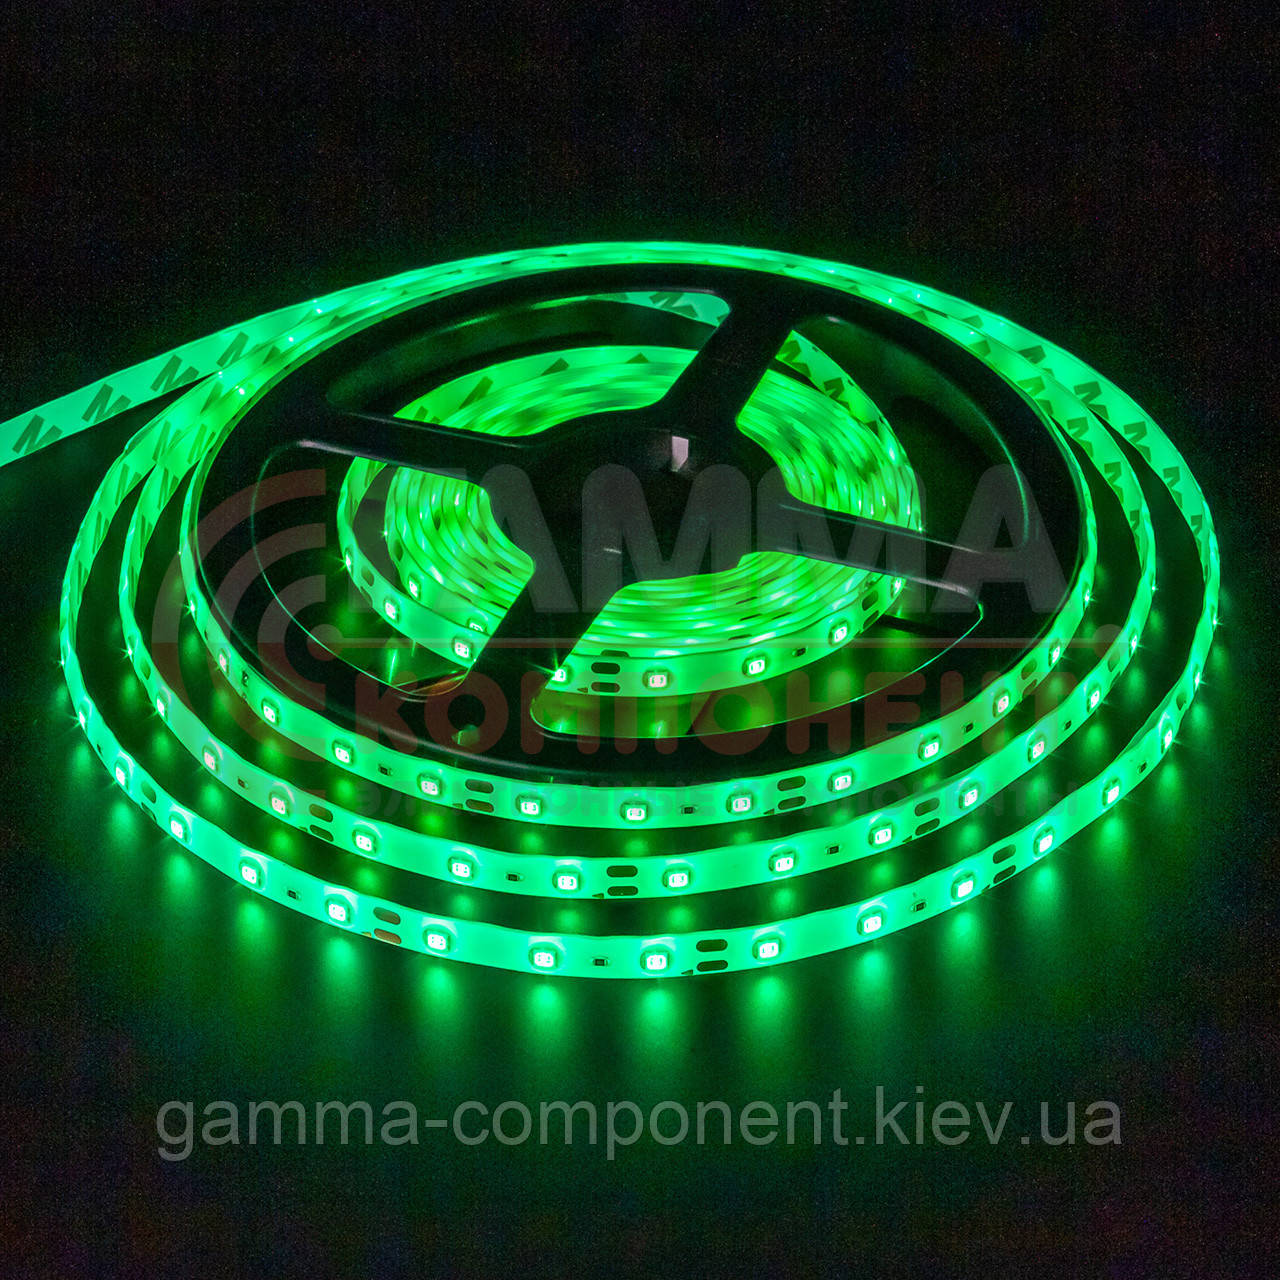 Светодиодная лента SMD 5050 (60 LED/м), зеленый, IP65, 12В